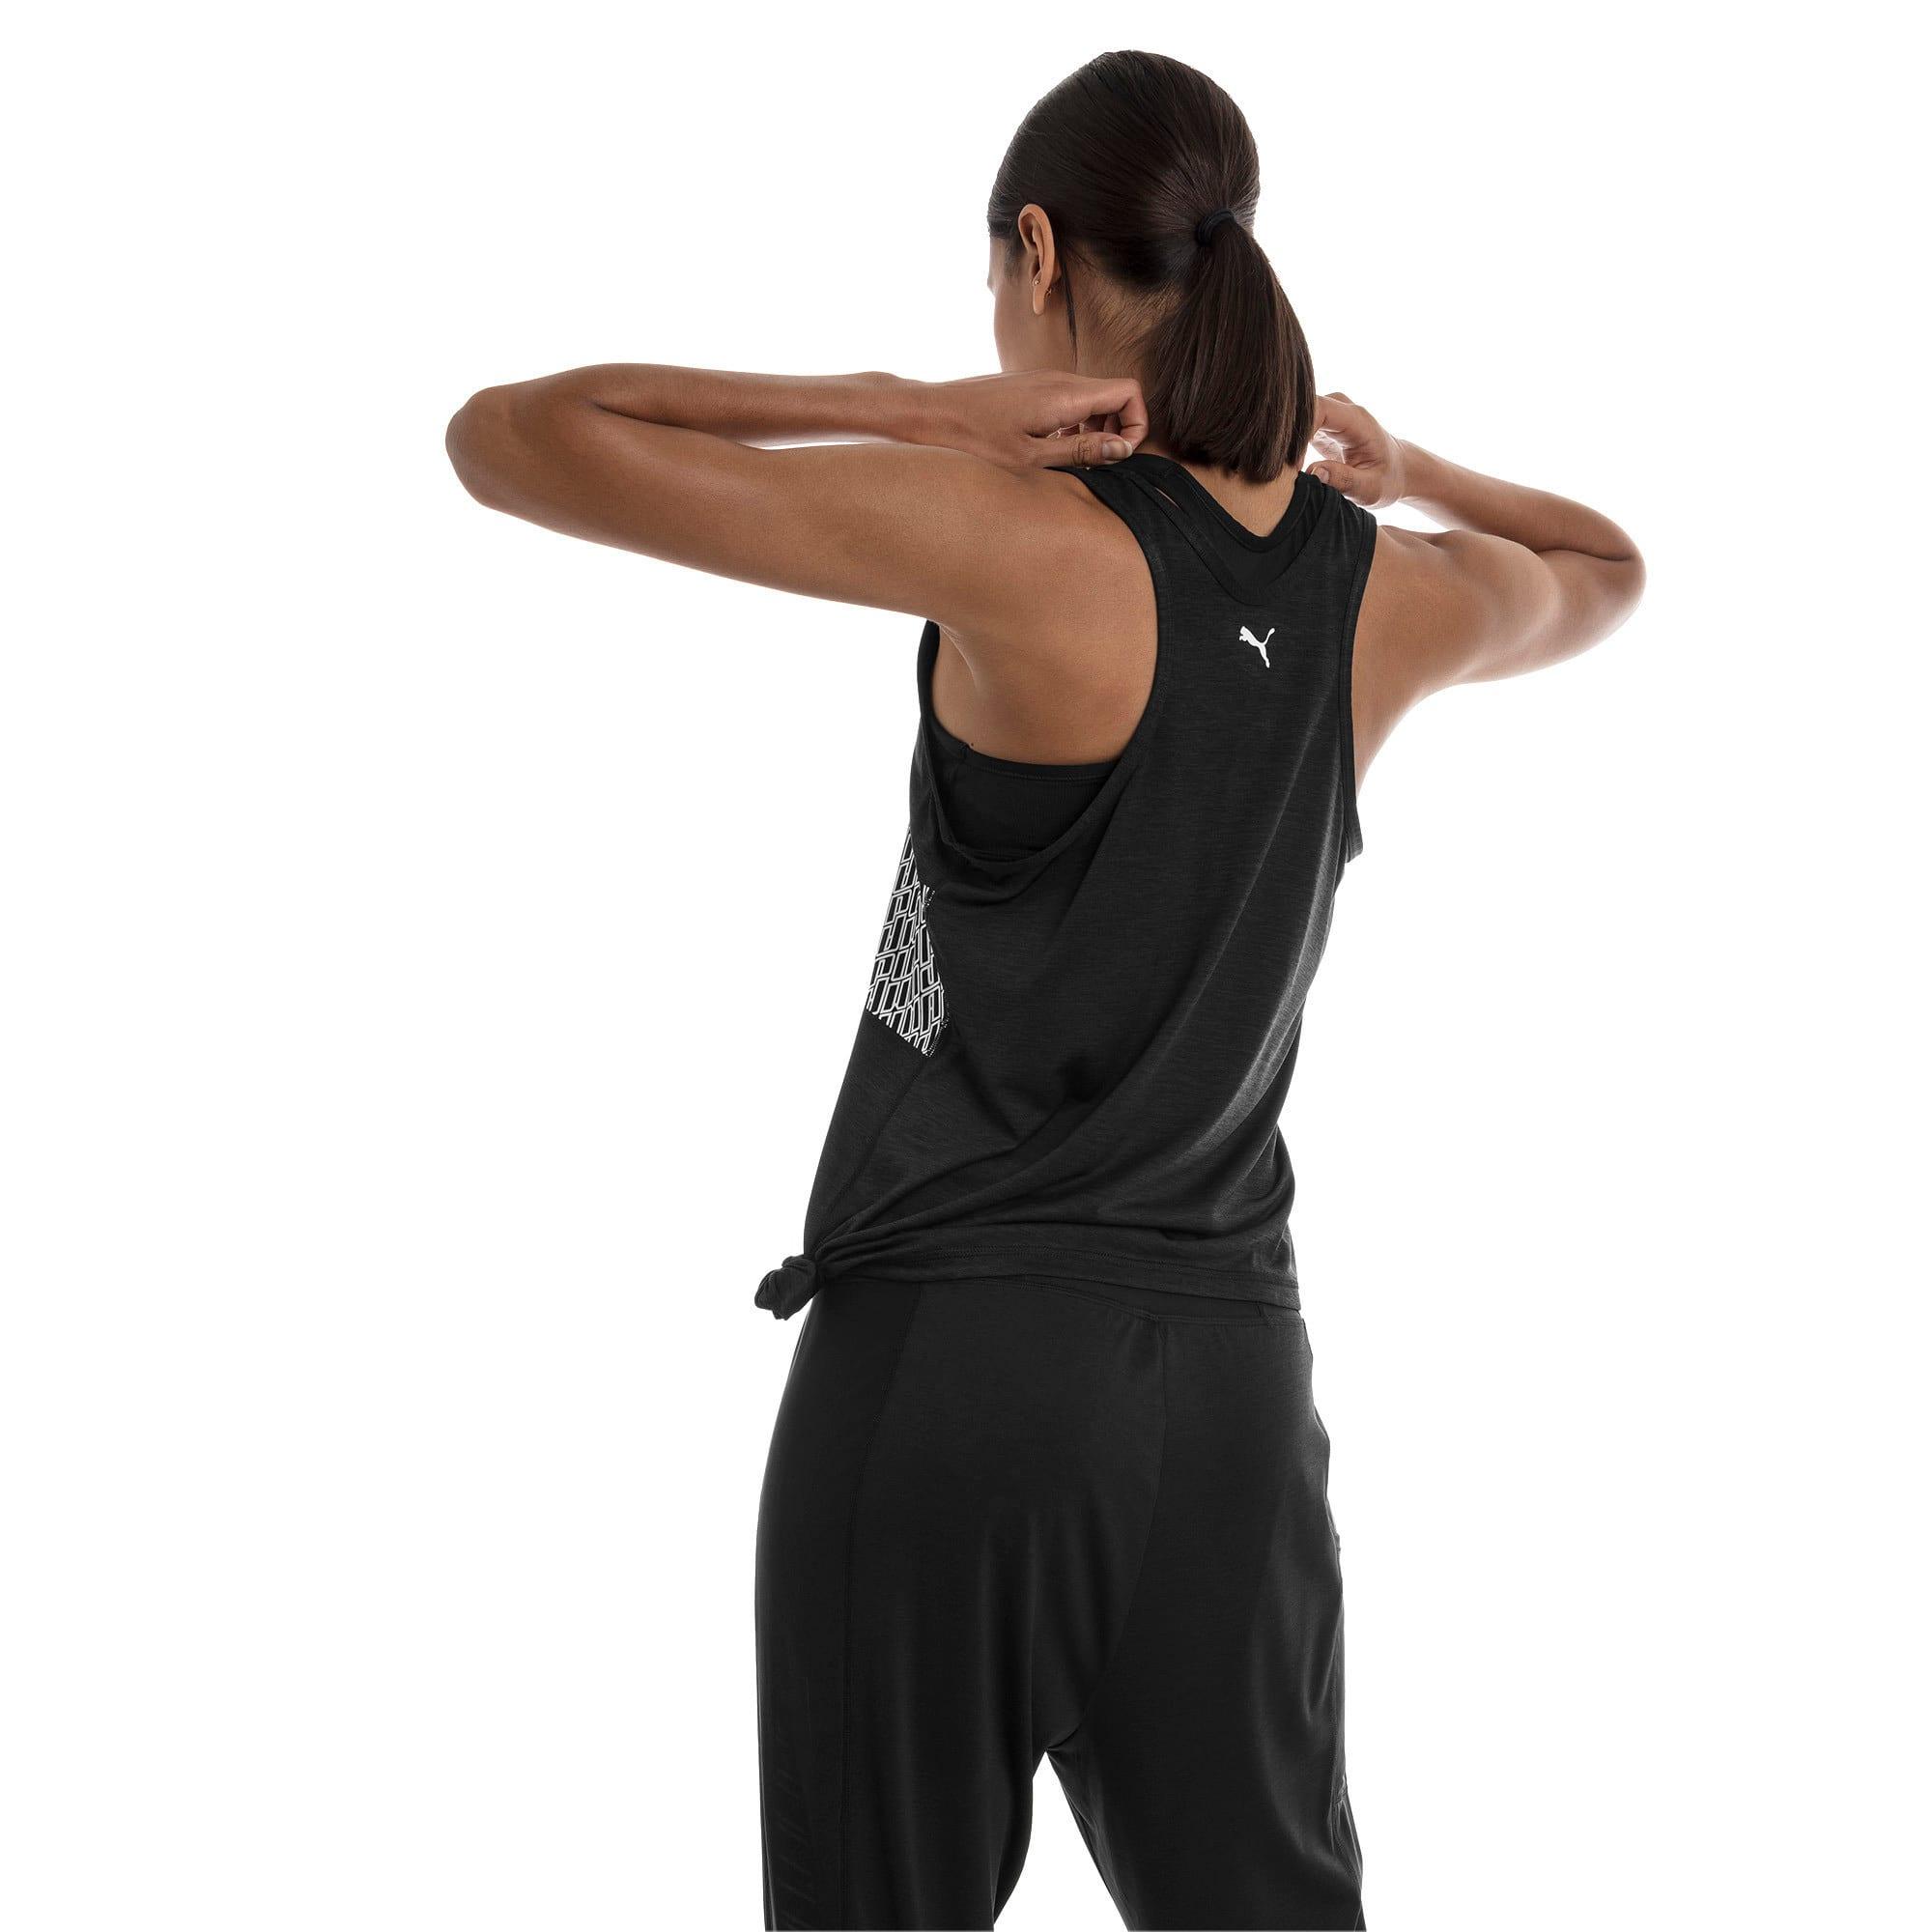 Miniatura 2 de Camiseta sin mangas con logo atractivo, Puma Black Heather, mediano